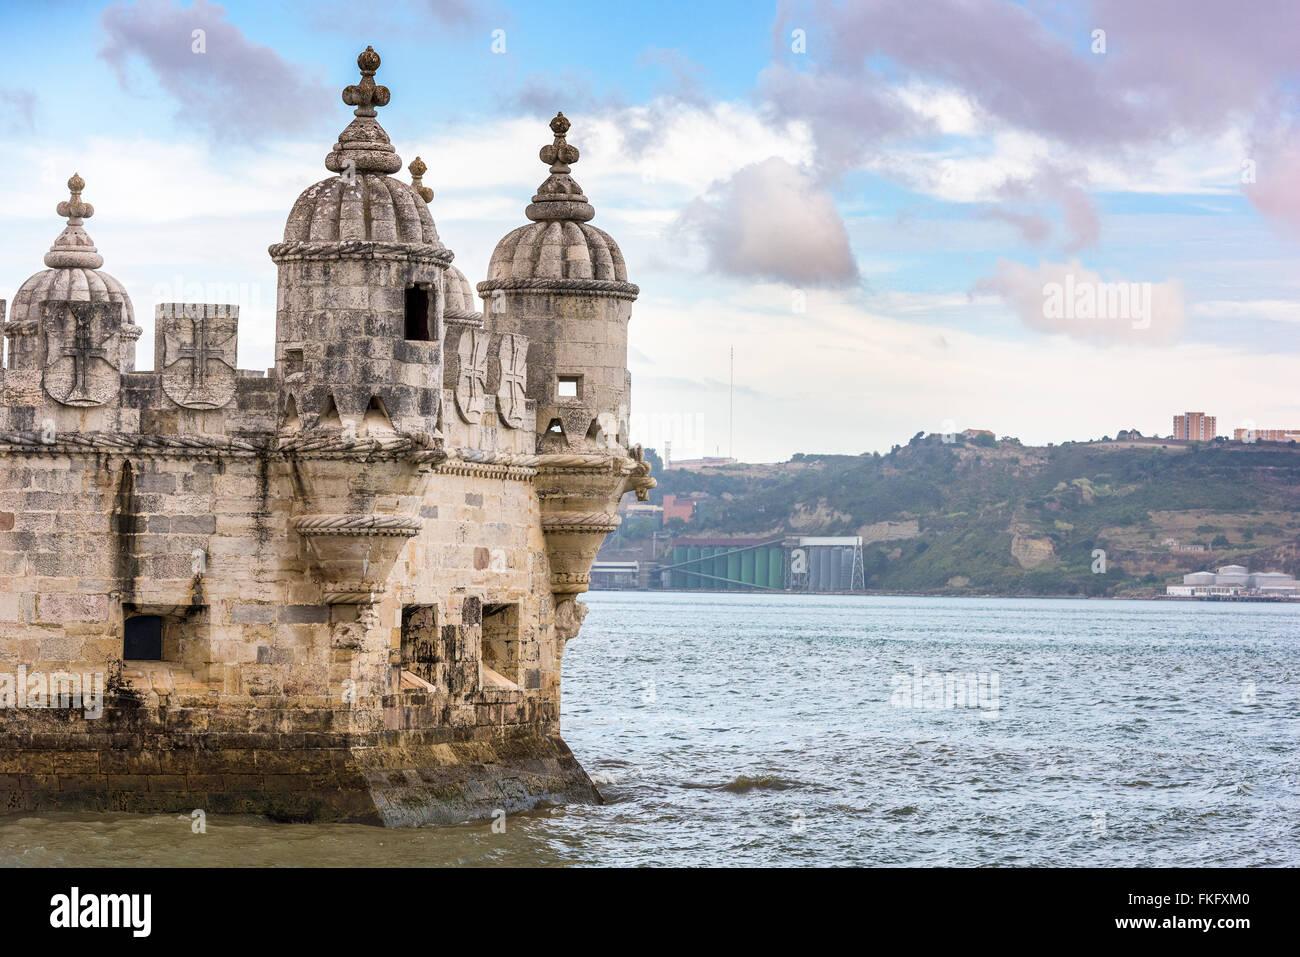 La torreta de la Torre de Belem en Lisboa, Portugal. Imagen De Stock